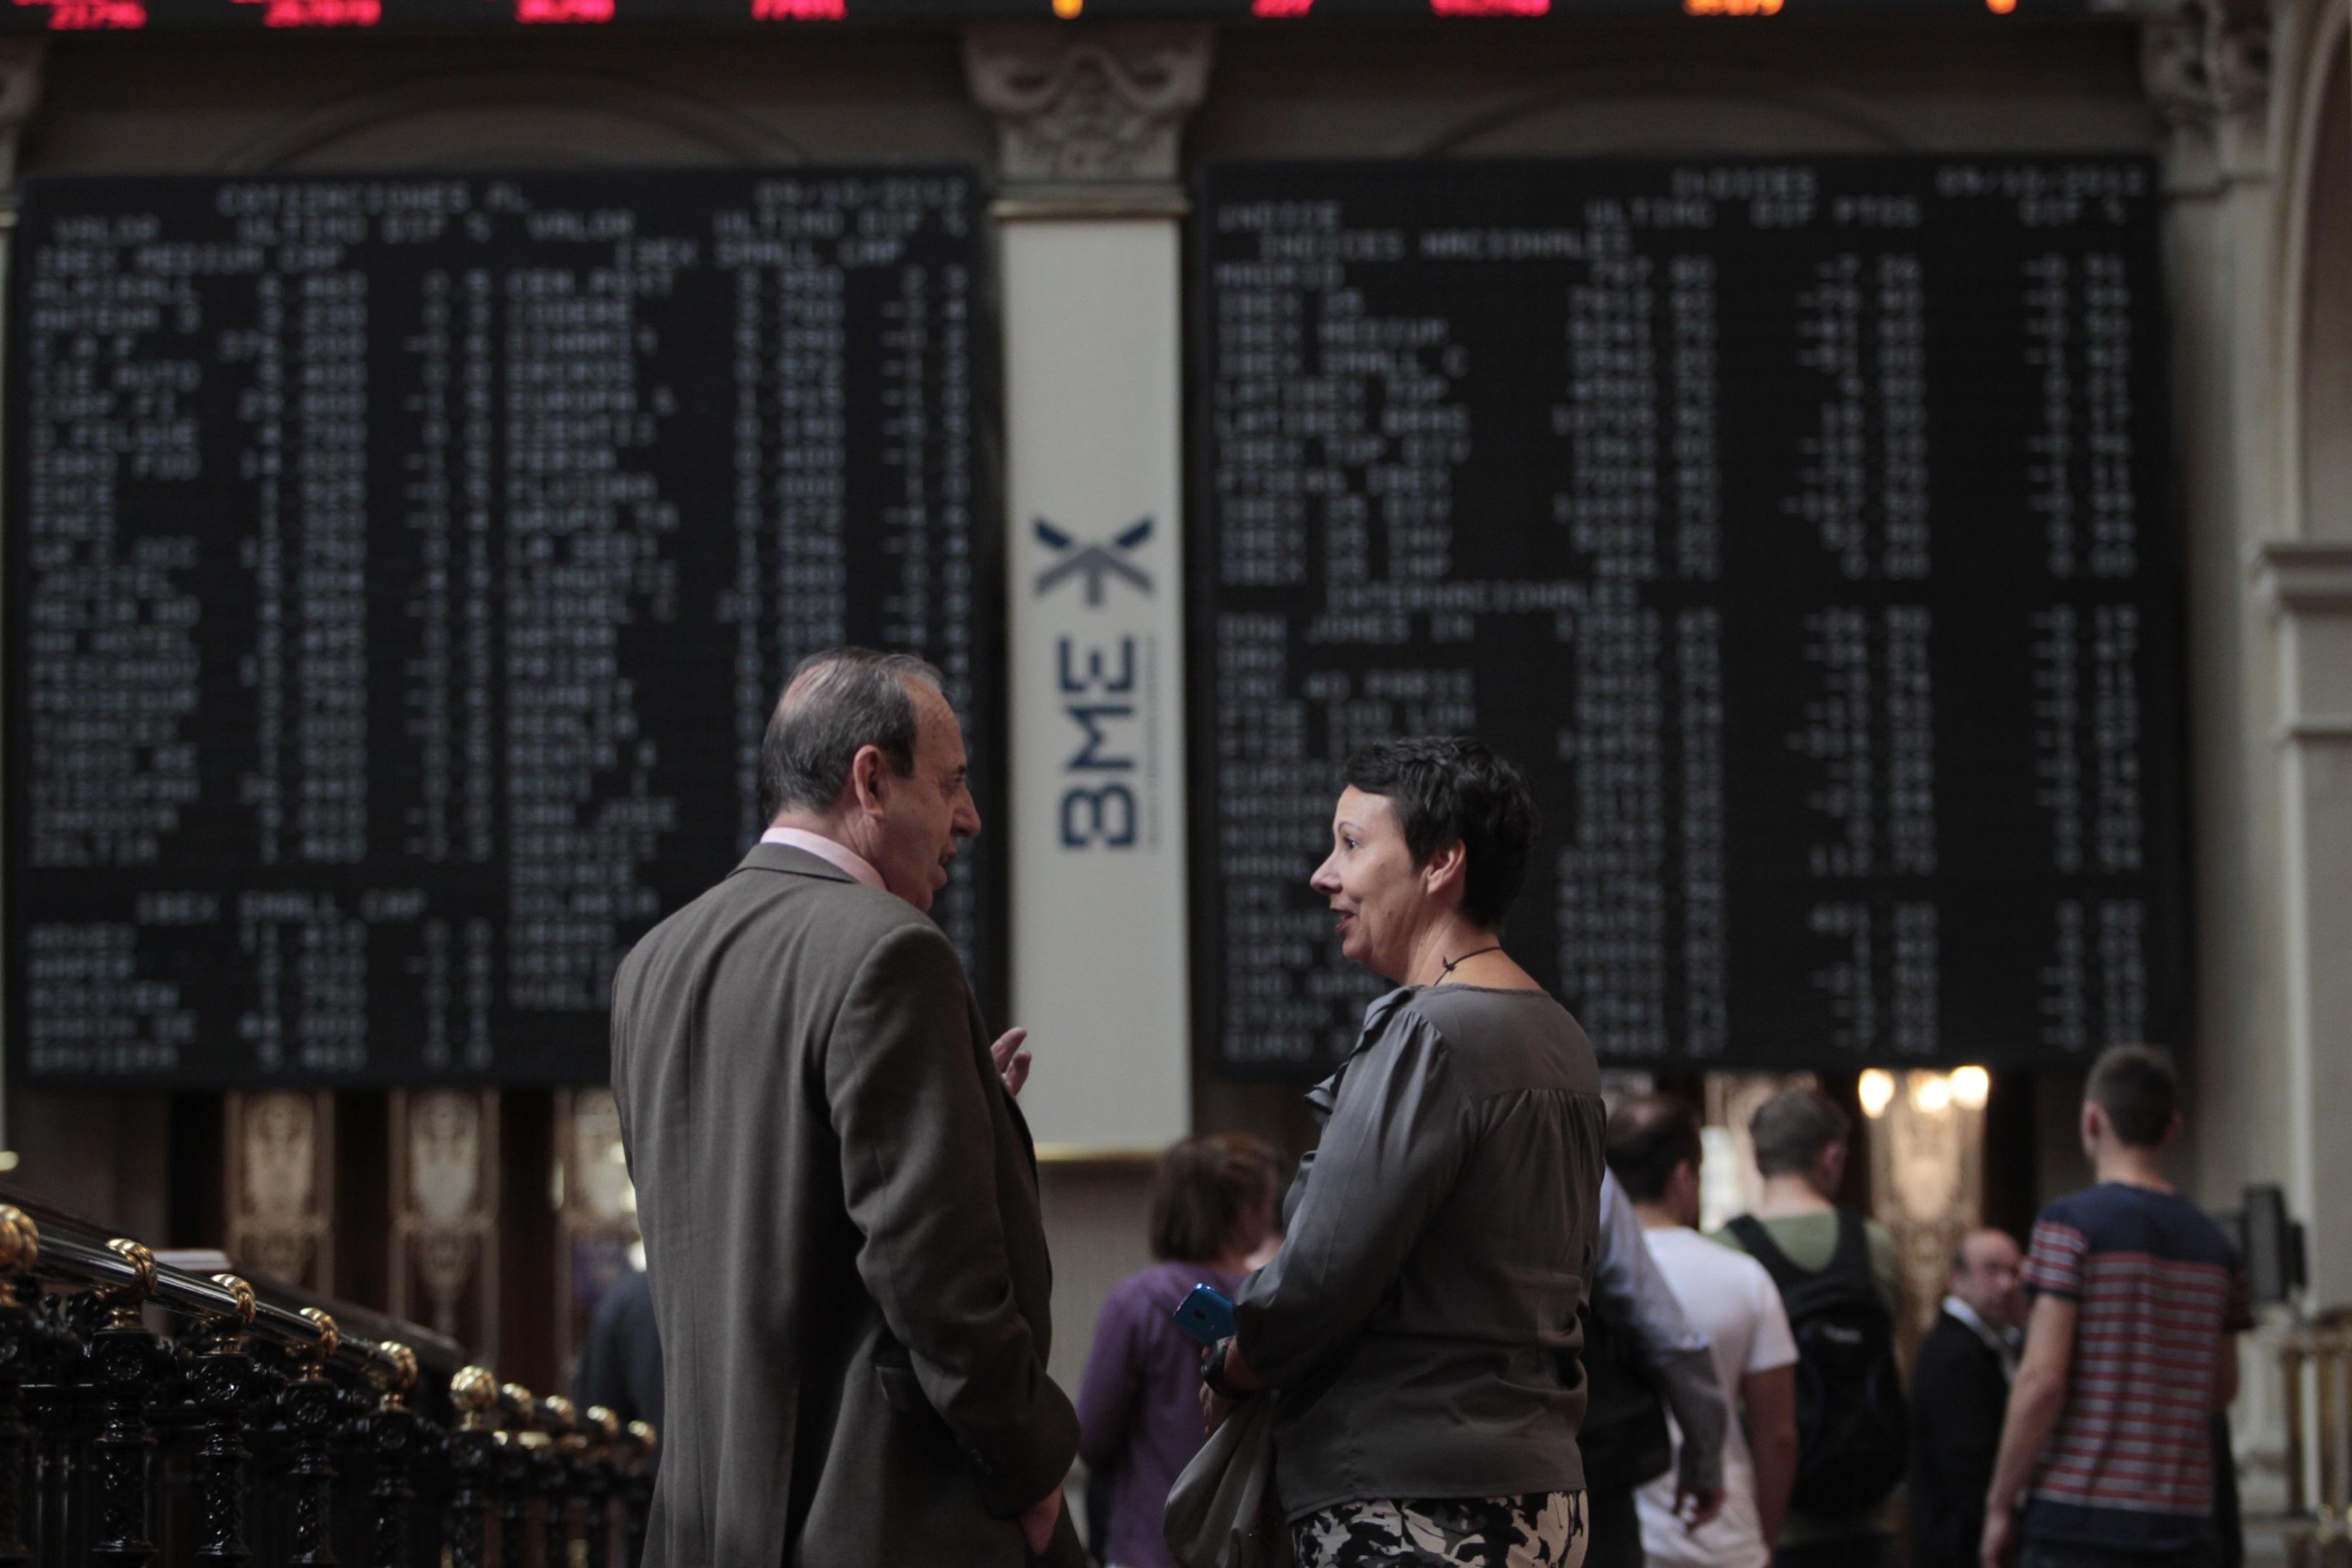 El Ibex gana un 1,07% gracias a Endesa y afianza los 9.400 enteros, con la prima en 230 puntos